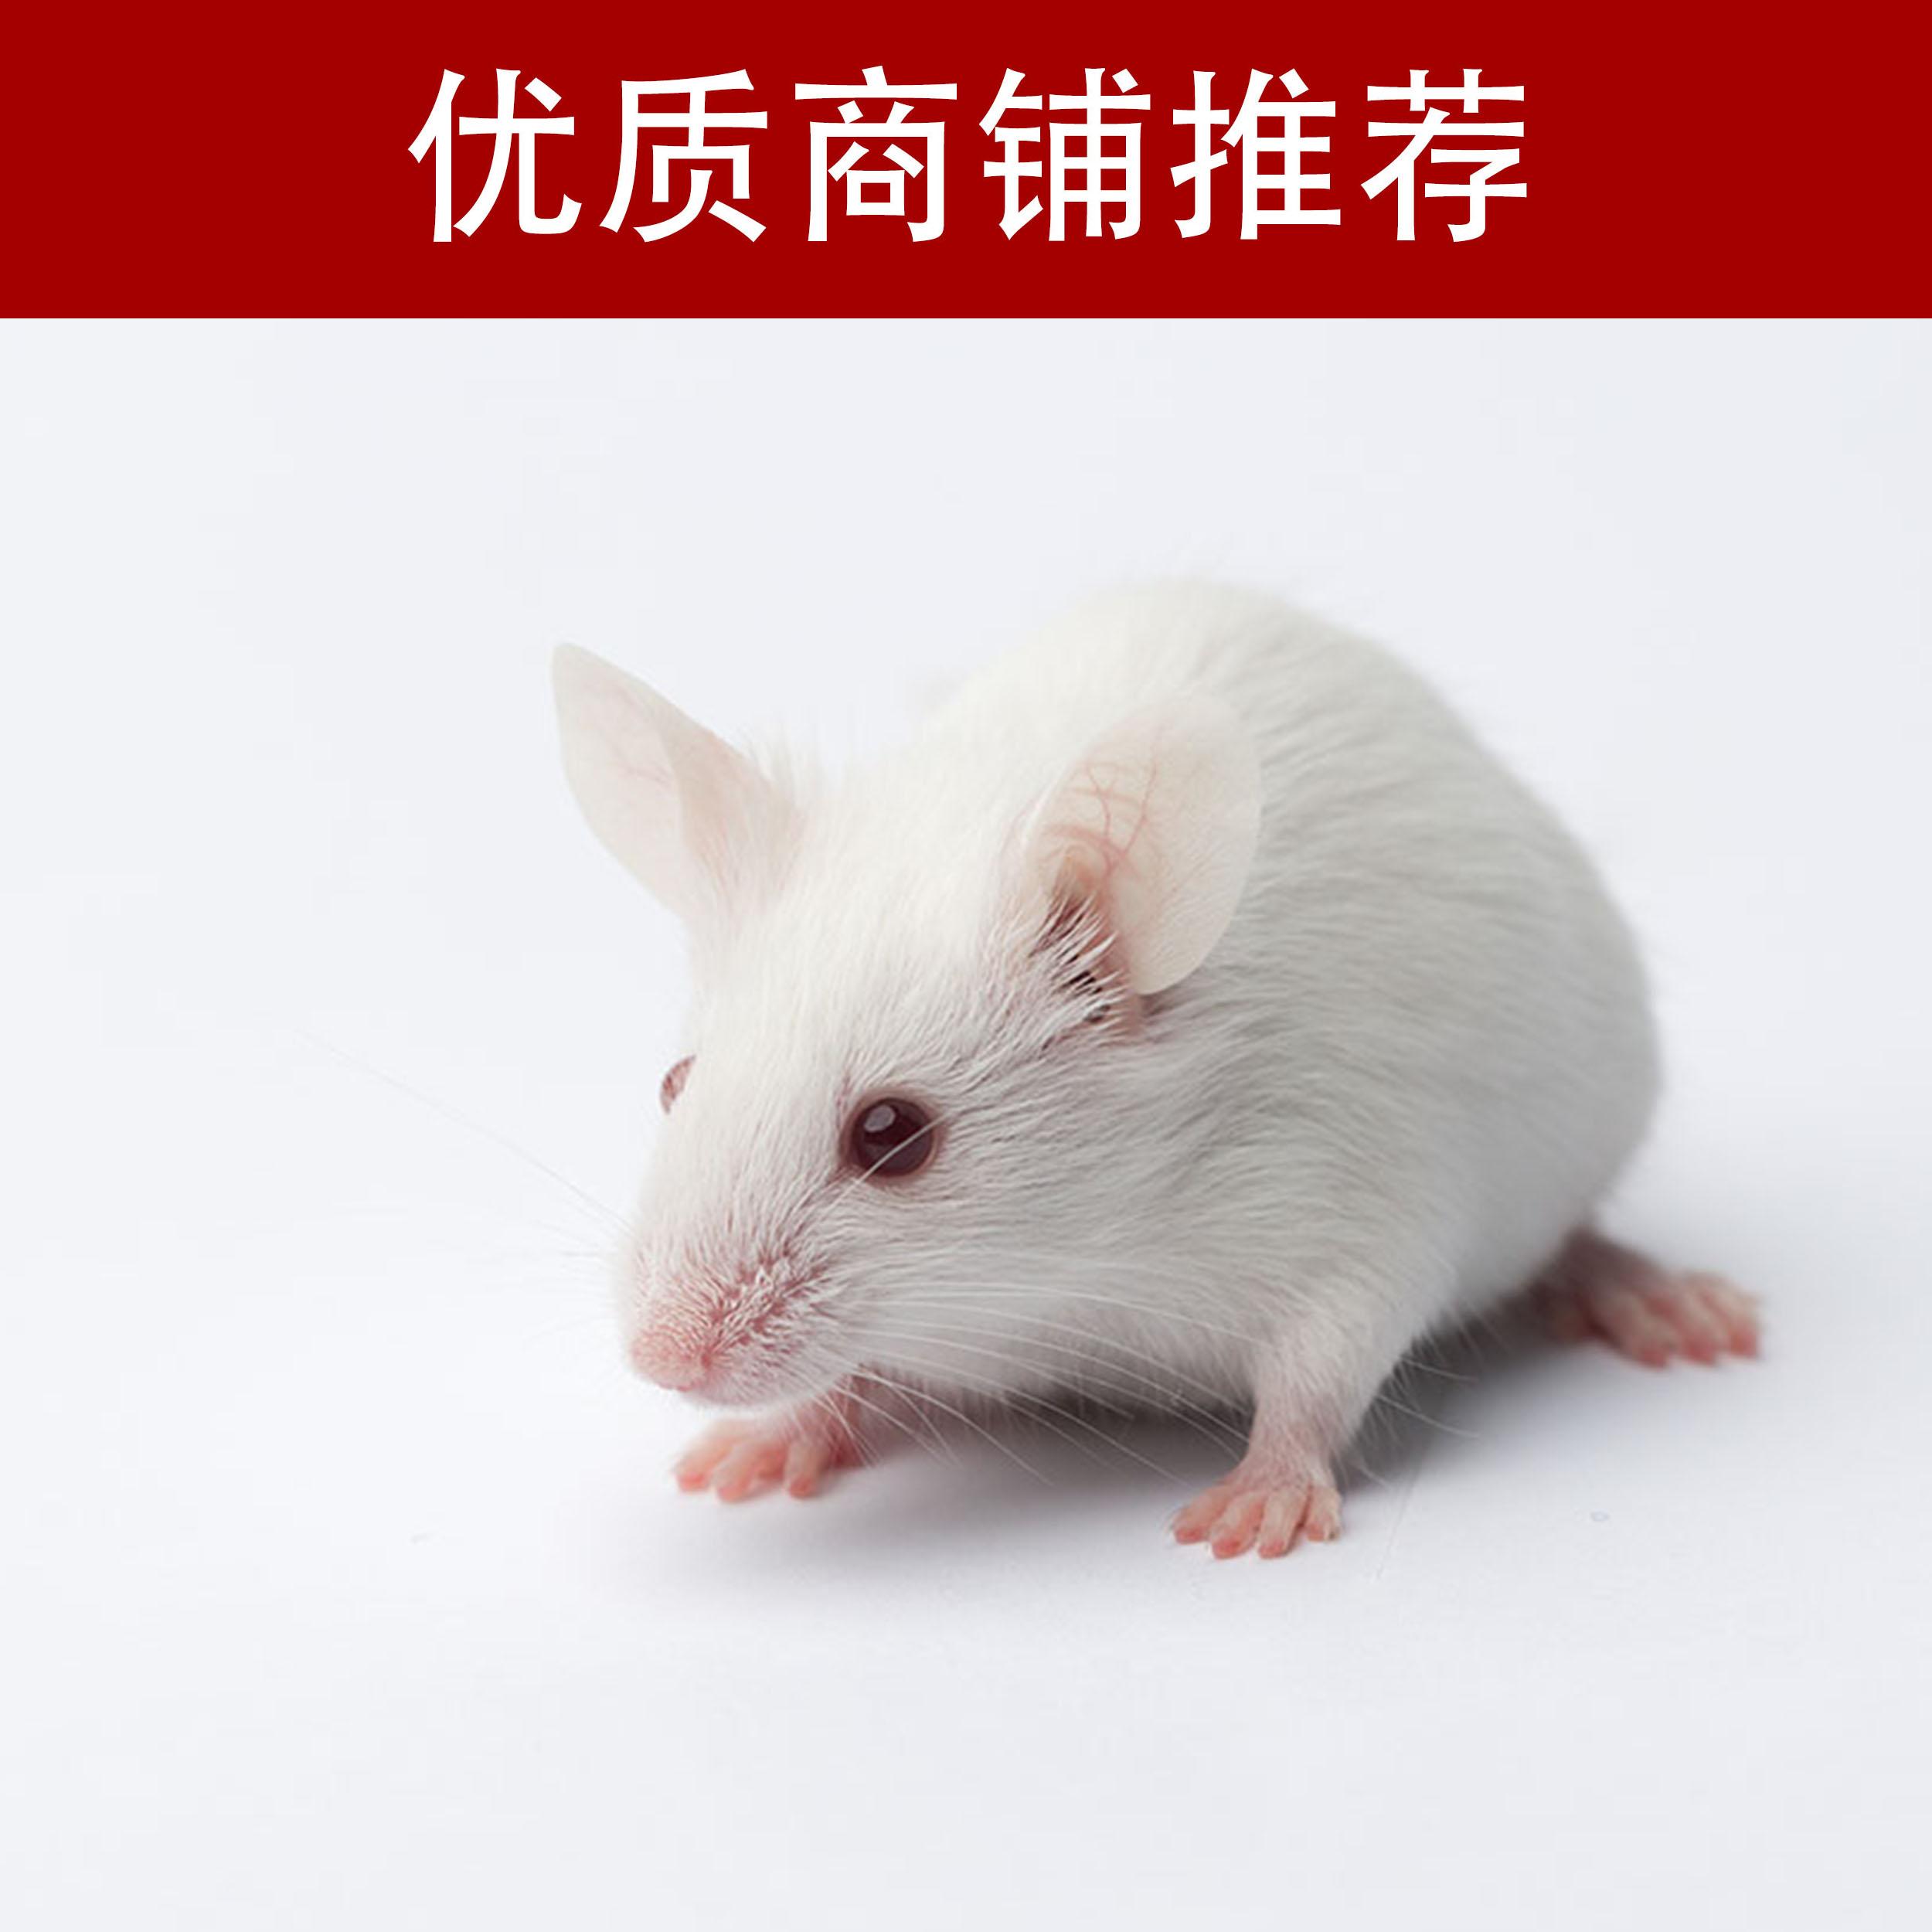 溃疡性结肠炎动物模型制备